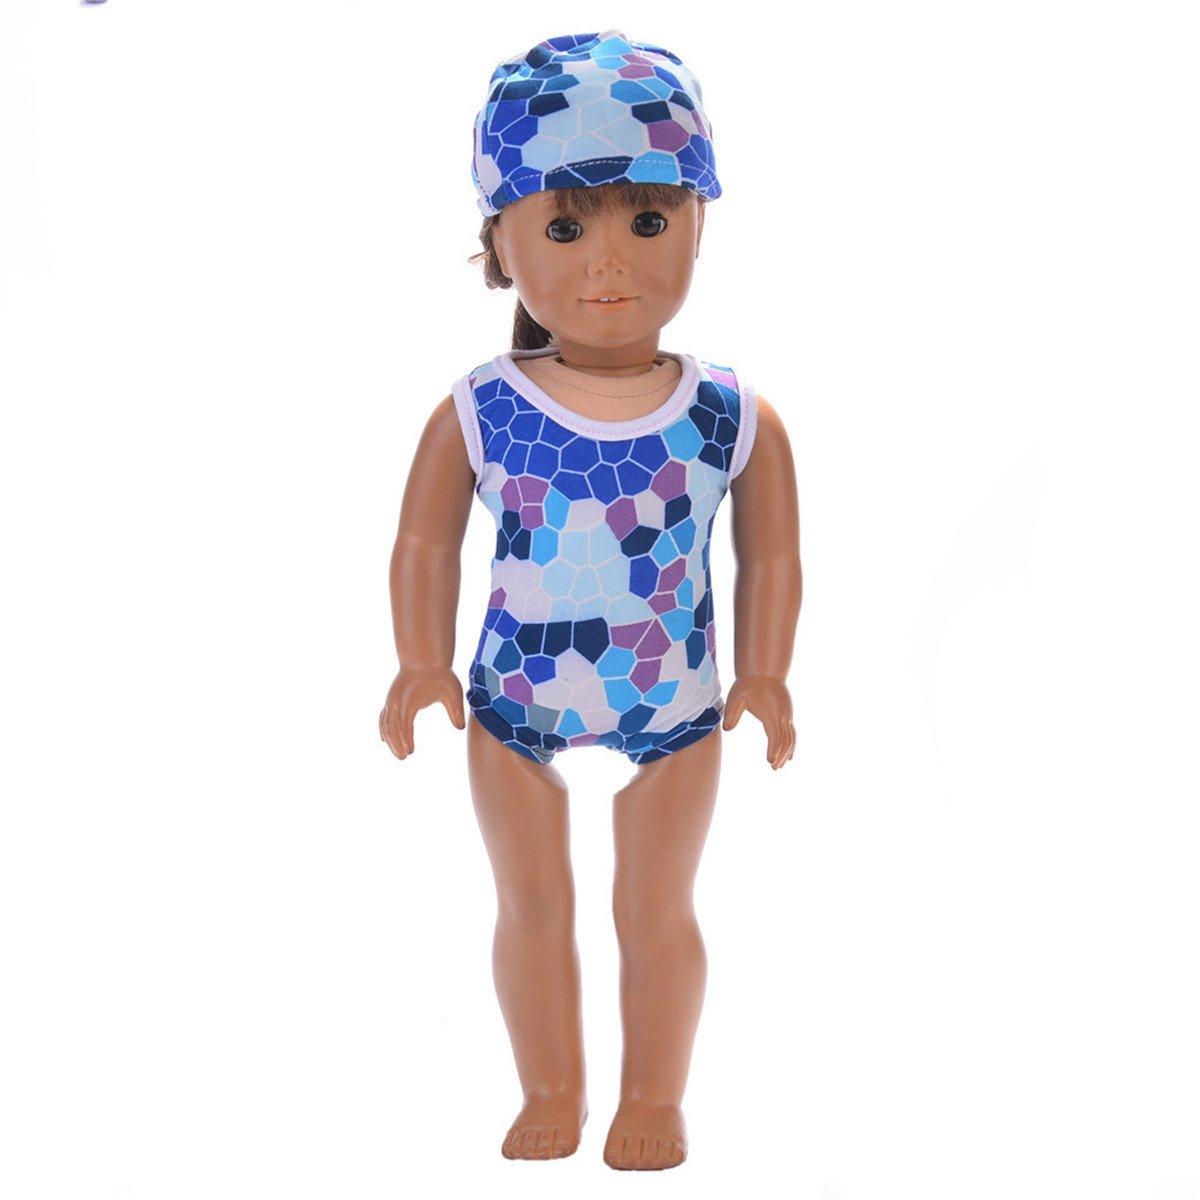 b691143bd6ca Amazon.com  Jeleuon 7Pcs Fashion Hawaii Summer Holiday Beach Party ...